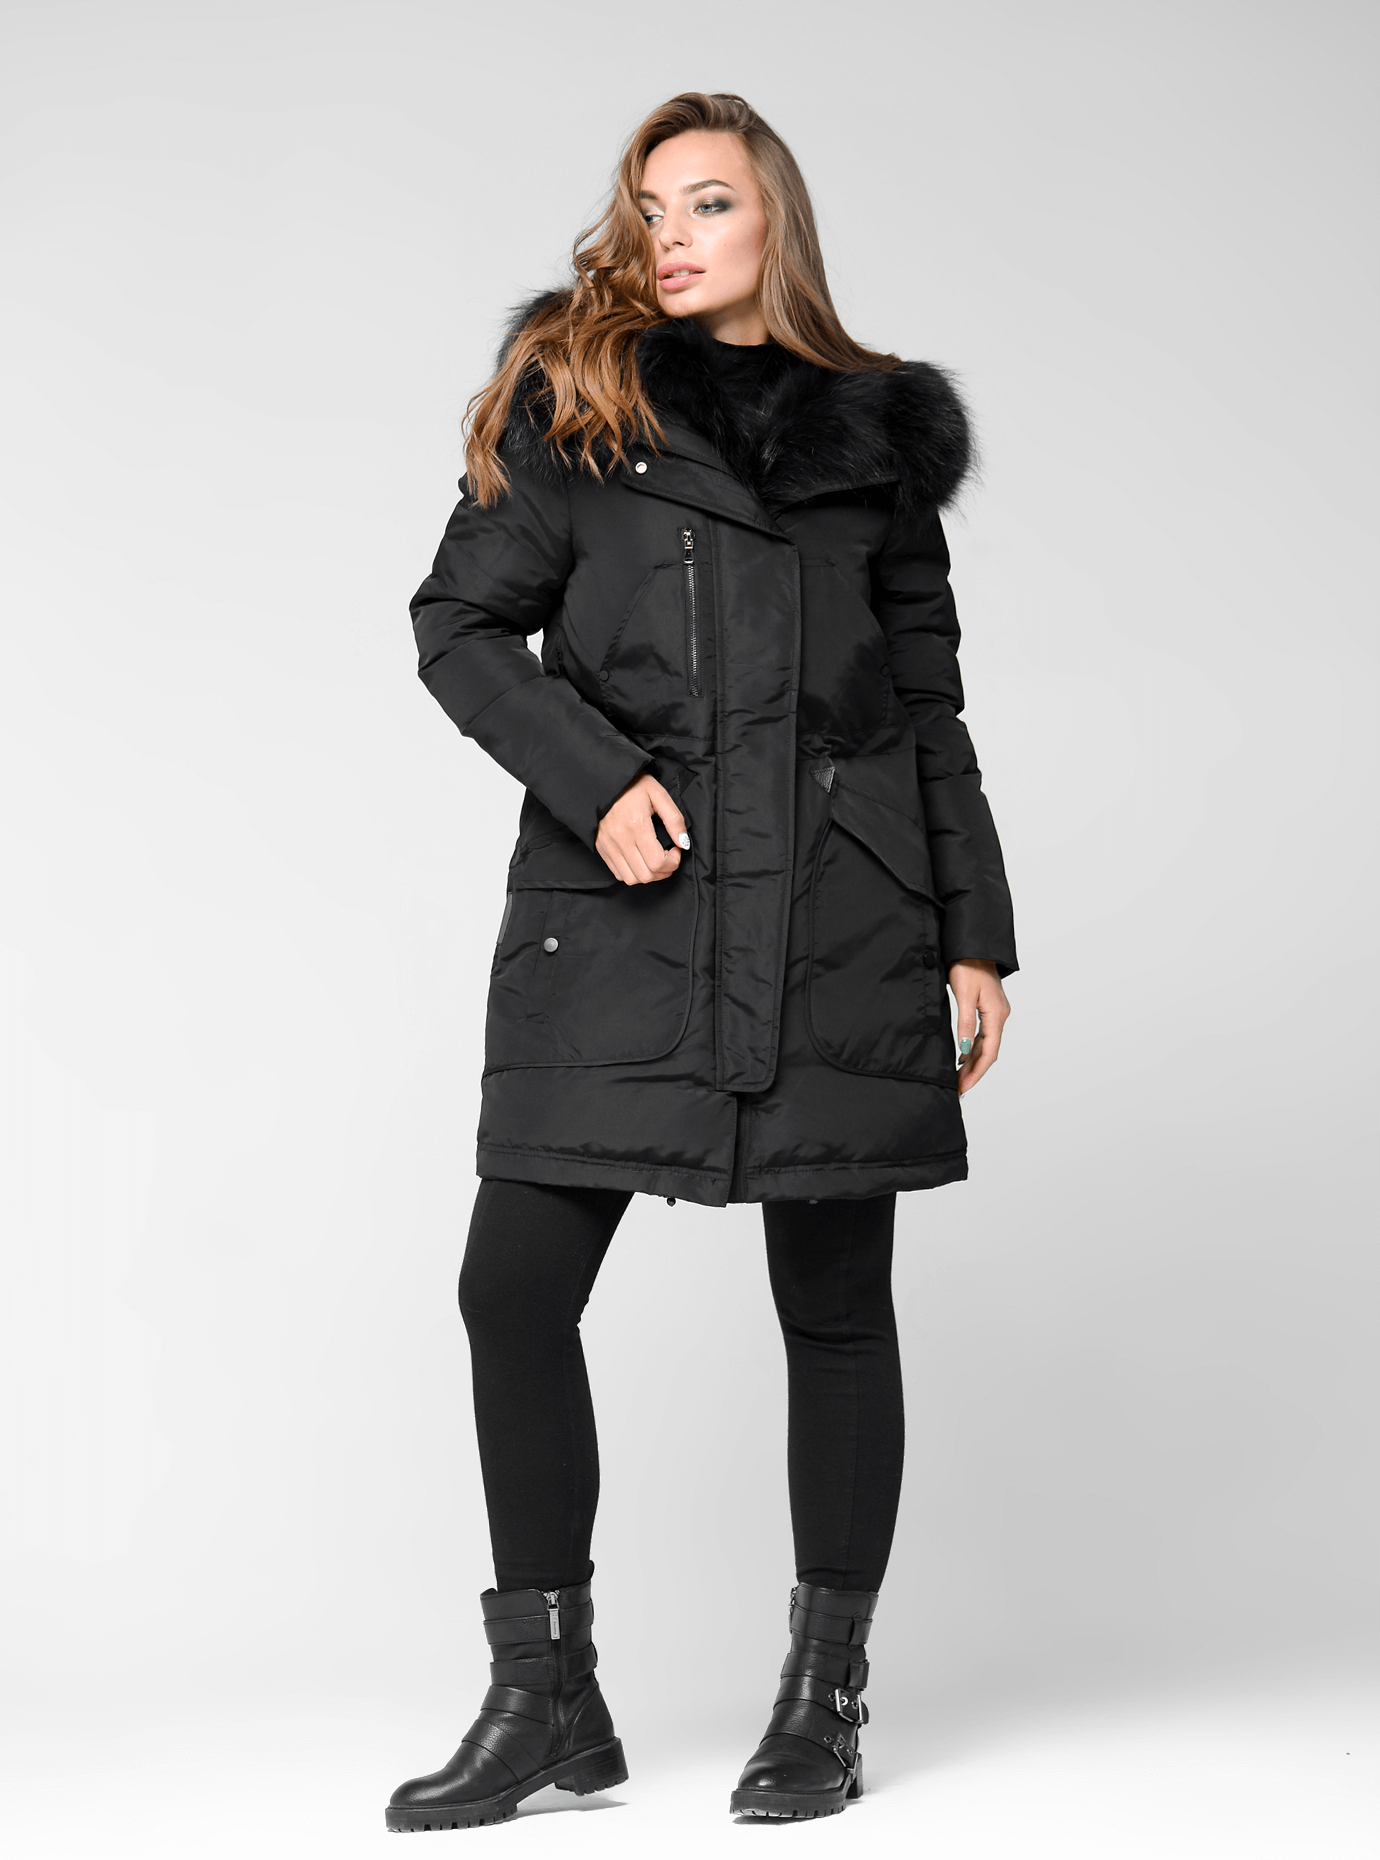 Куртка зимняя парка с мехом енота Чёрный XL (05-ZL2435): фото - Alster.ua